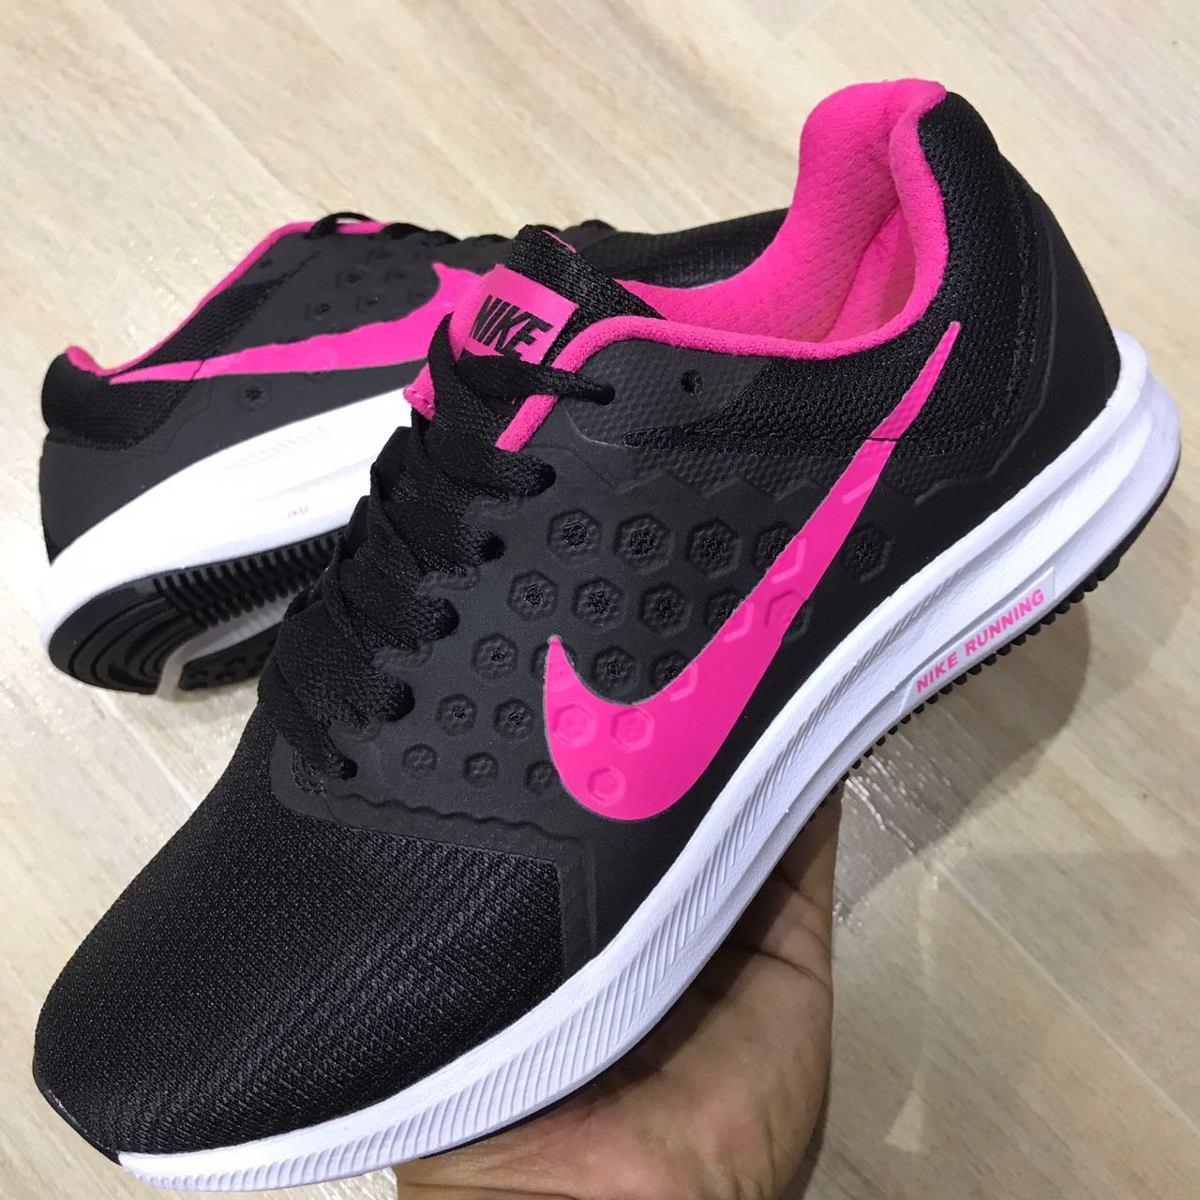 manipular Plantación Alivio  tenis nike correr mujer - Tienda Online de Zapatos, Ropa y Complementos de  marca